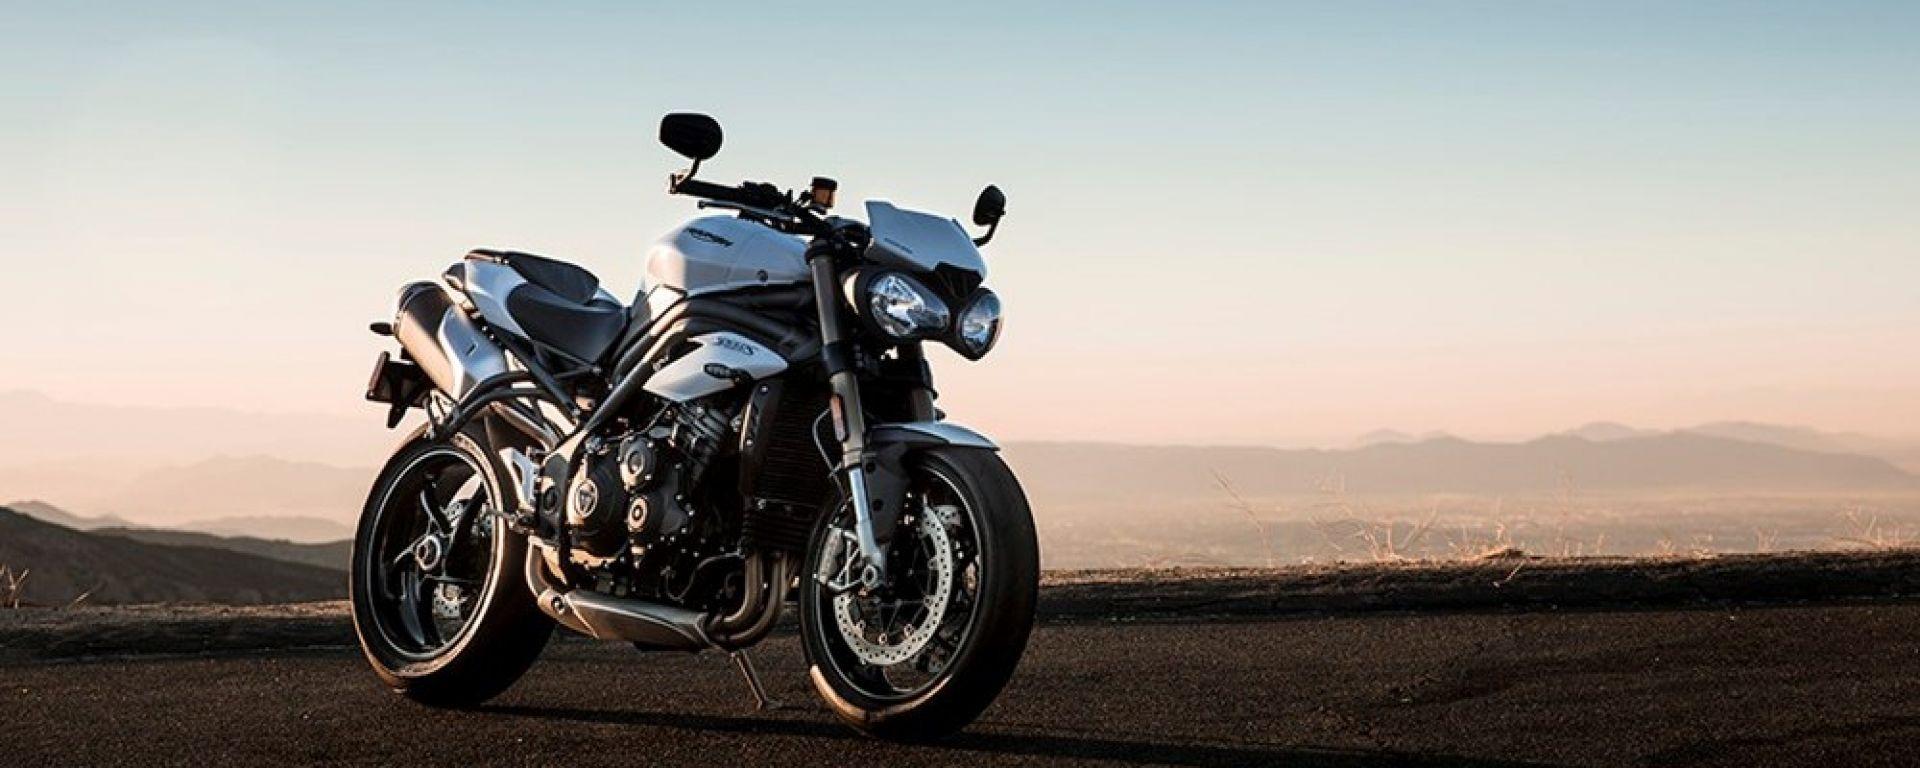 Nuova Triumph Speed Triple, è pronta a gettarsi nella mischia con un nuovo motore e una ciclistica più raffinata